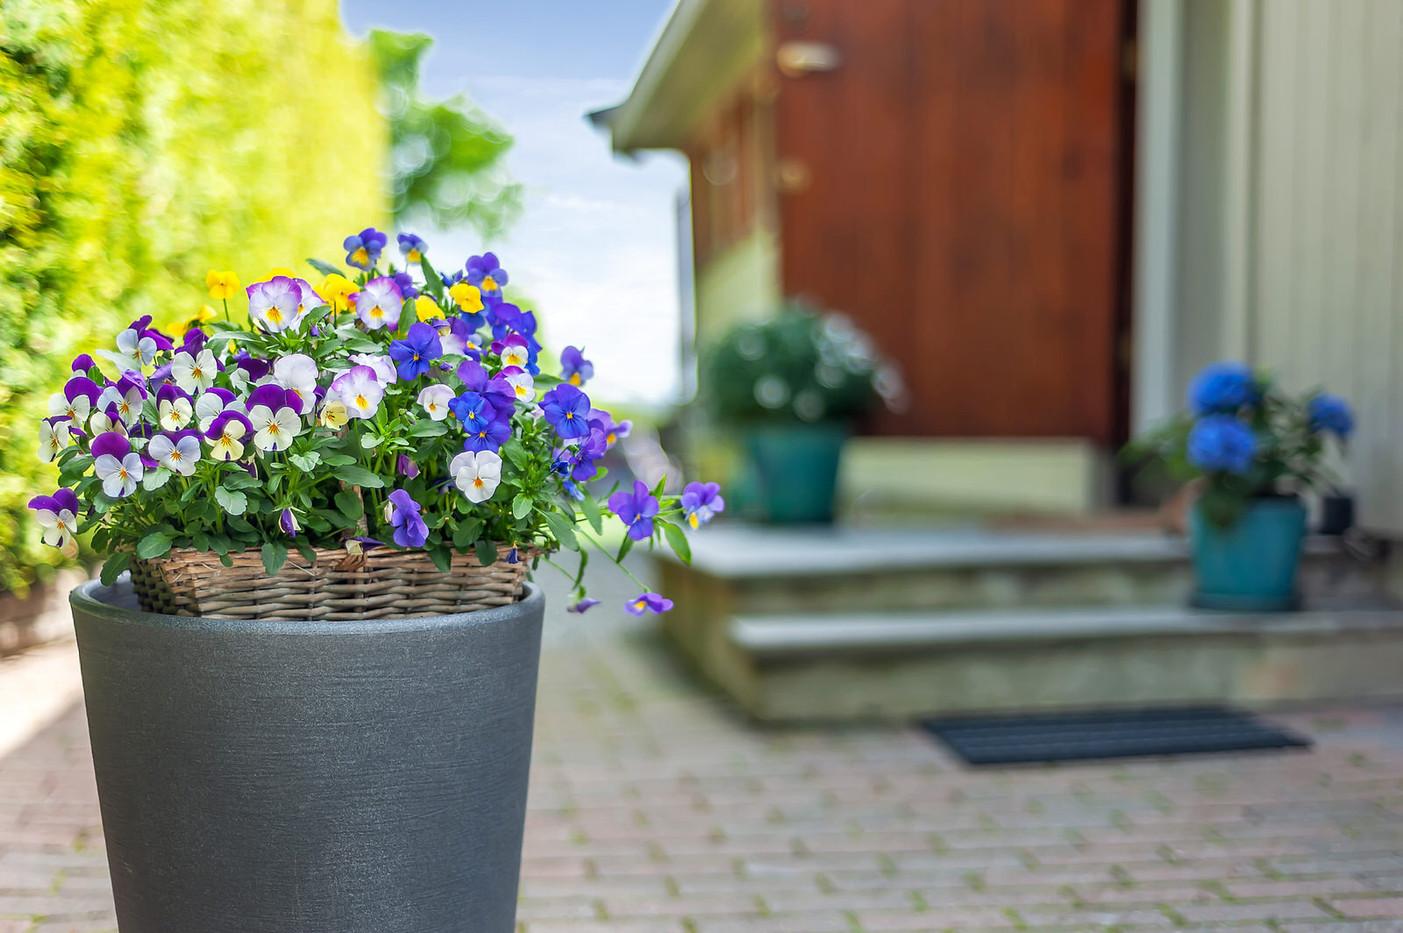 Blomster 14.jpg